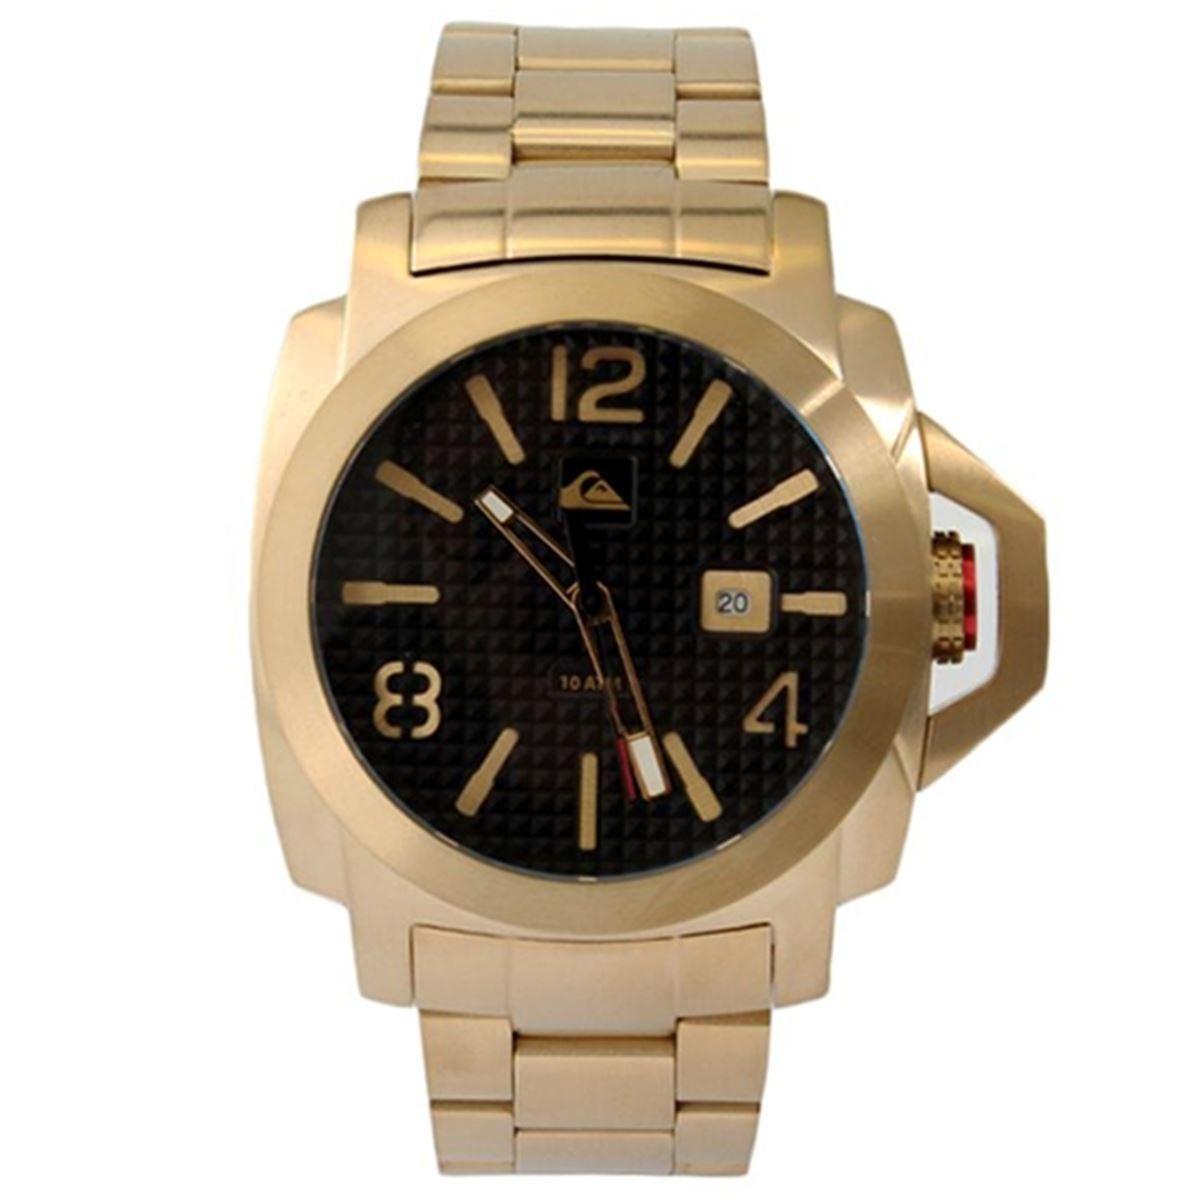 eb3afa37941 relógio quiksilver lanai ss metal gold. Carregando zoom.